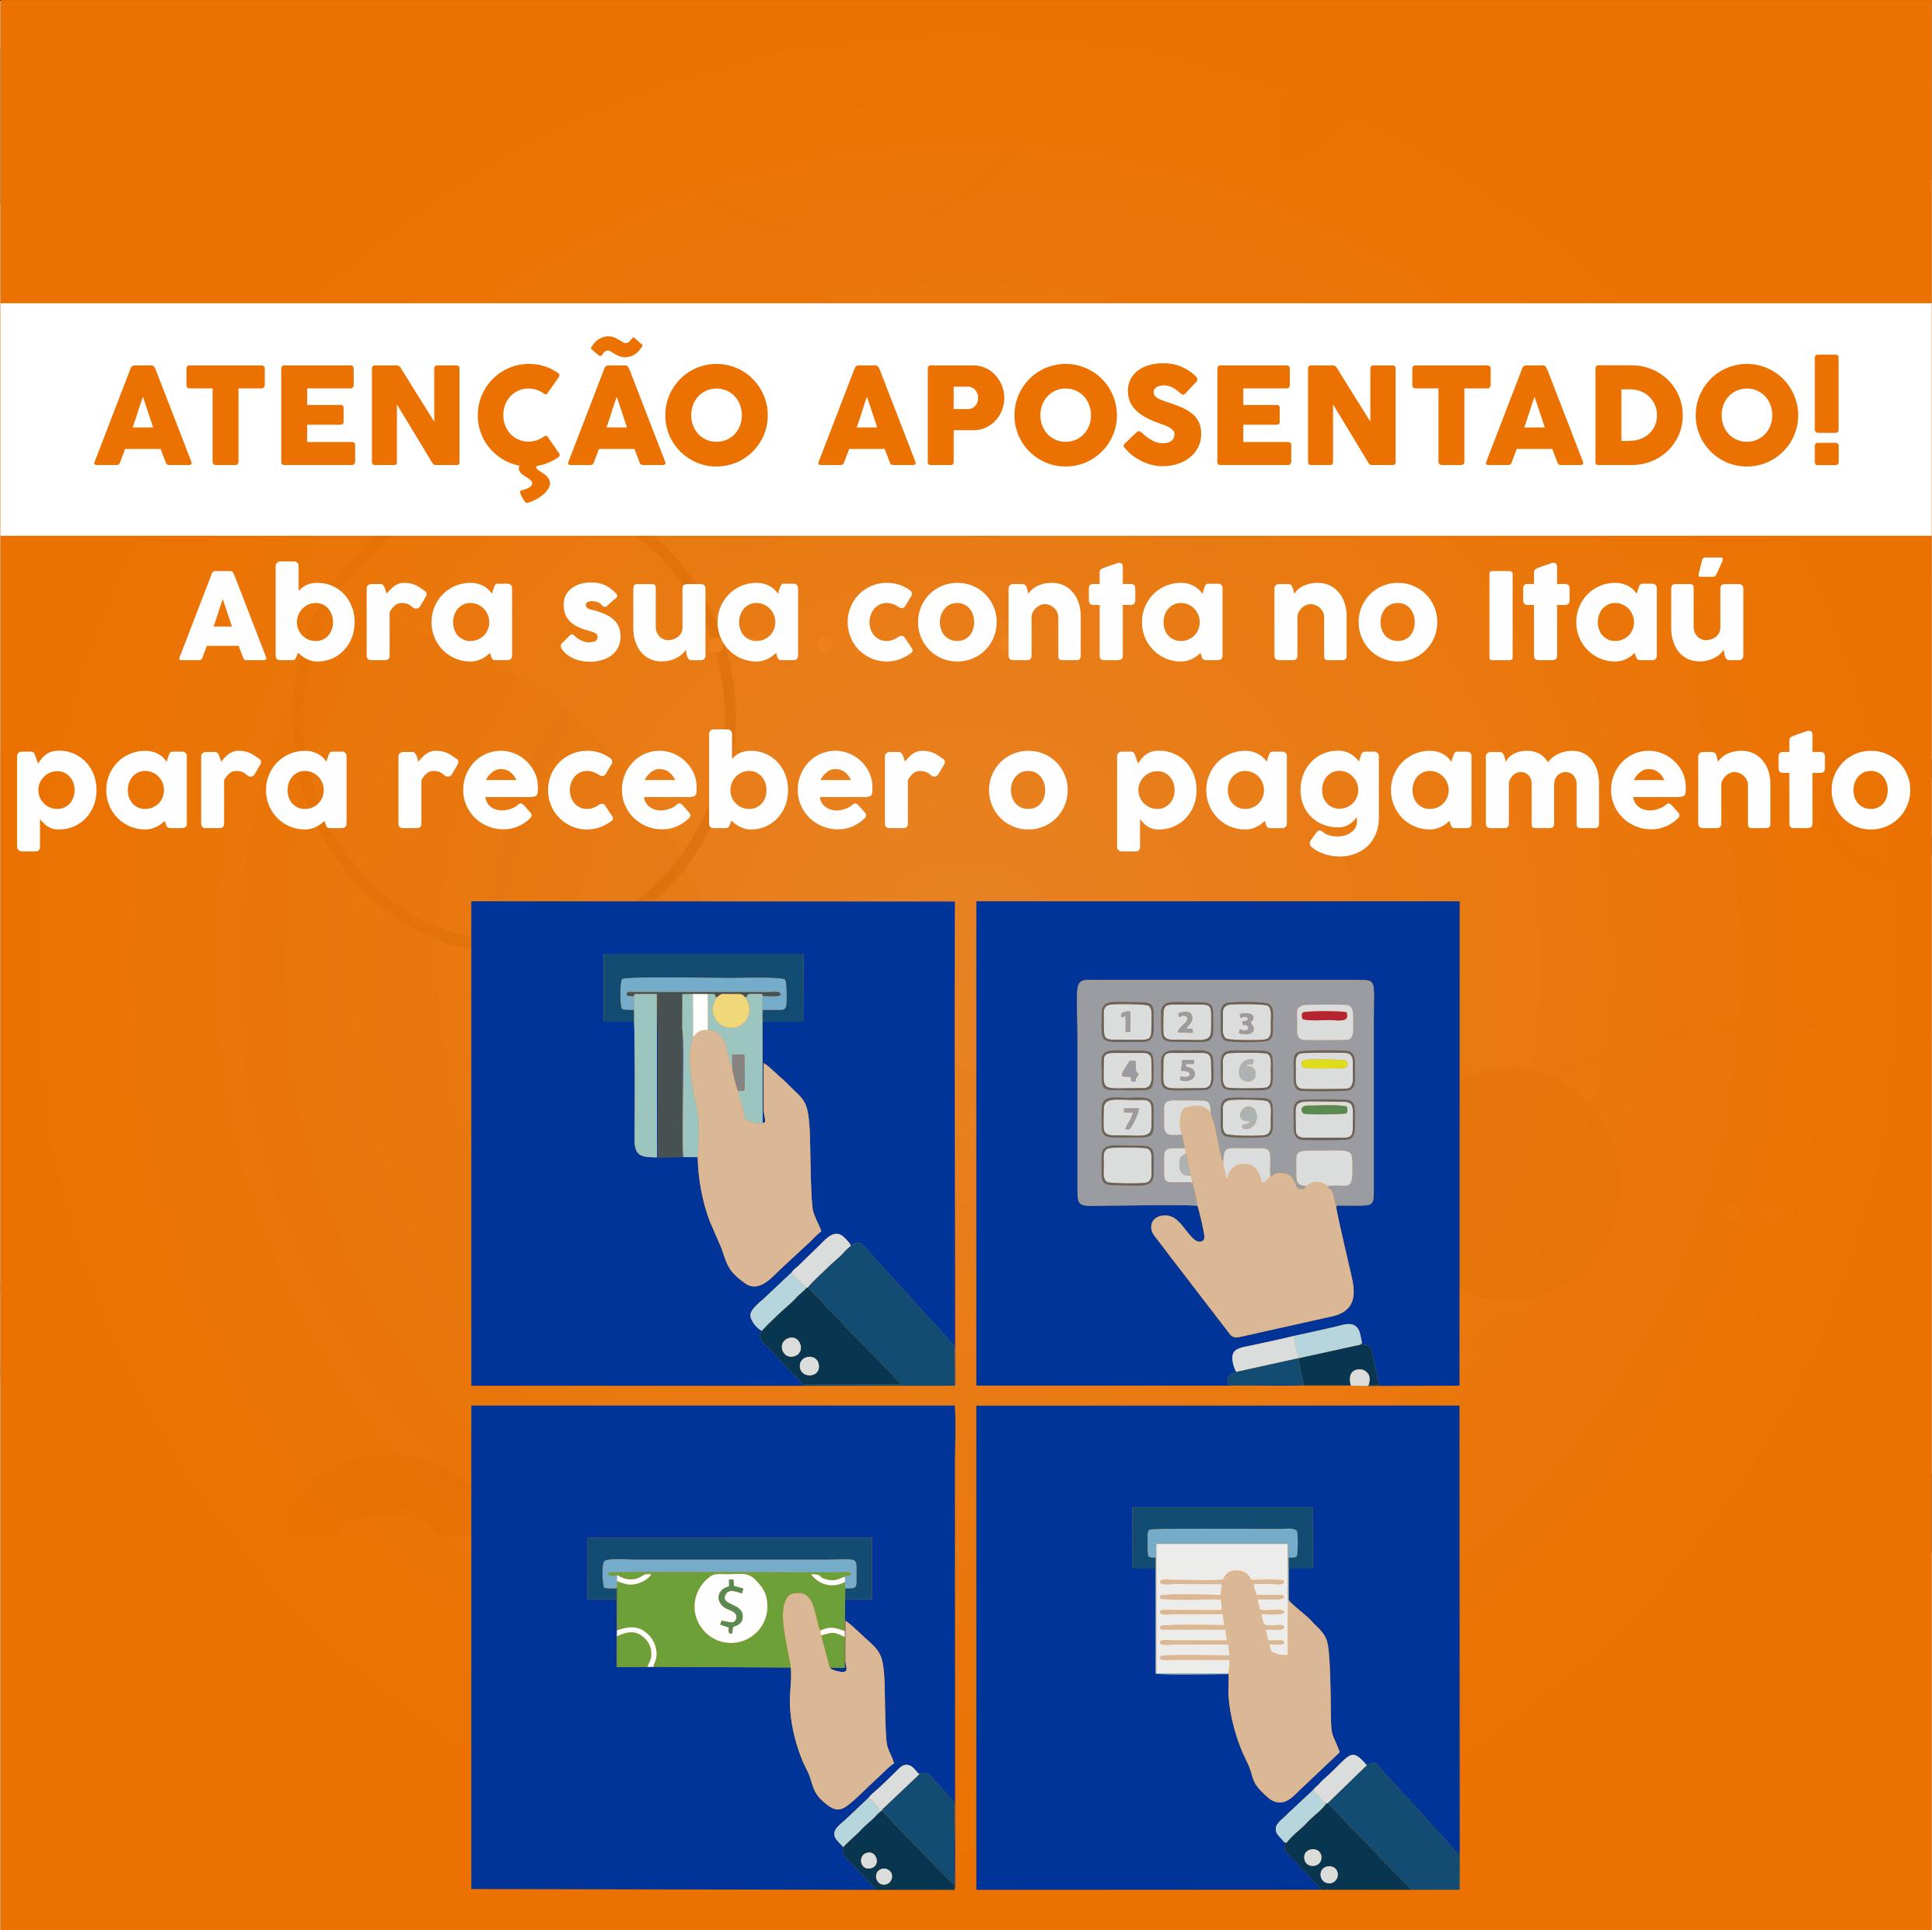 Aposentados devem abrir conta no Itaú para poder receber o pagamento a partir de fevereiro